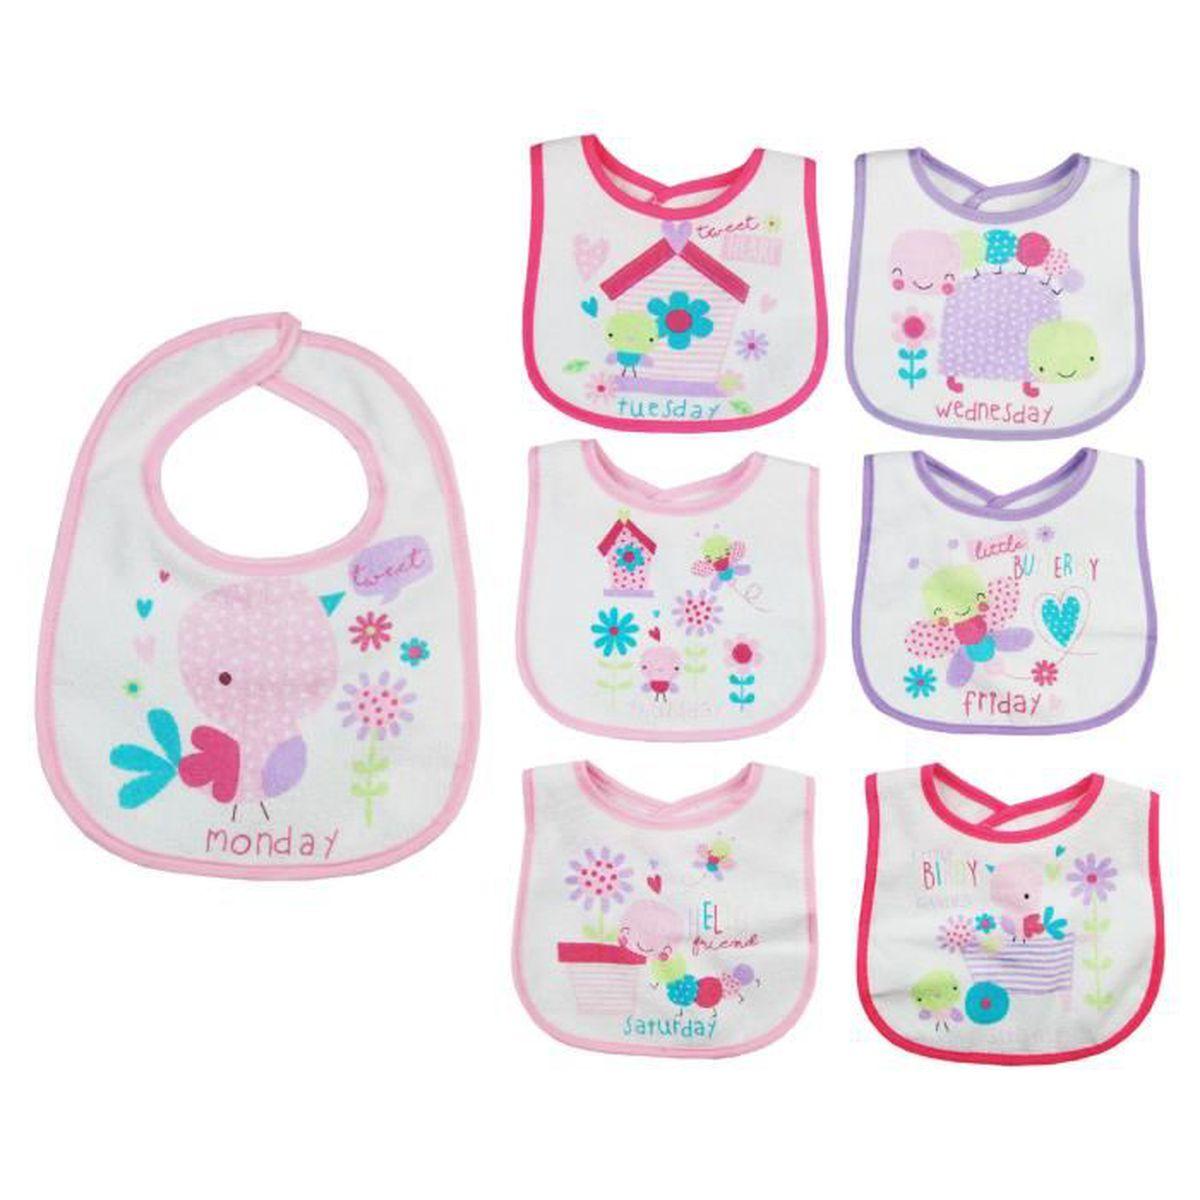 a6fc26c843853 Lot de 7 bavoirs naissance pour bébé fille thème